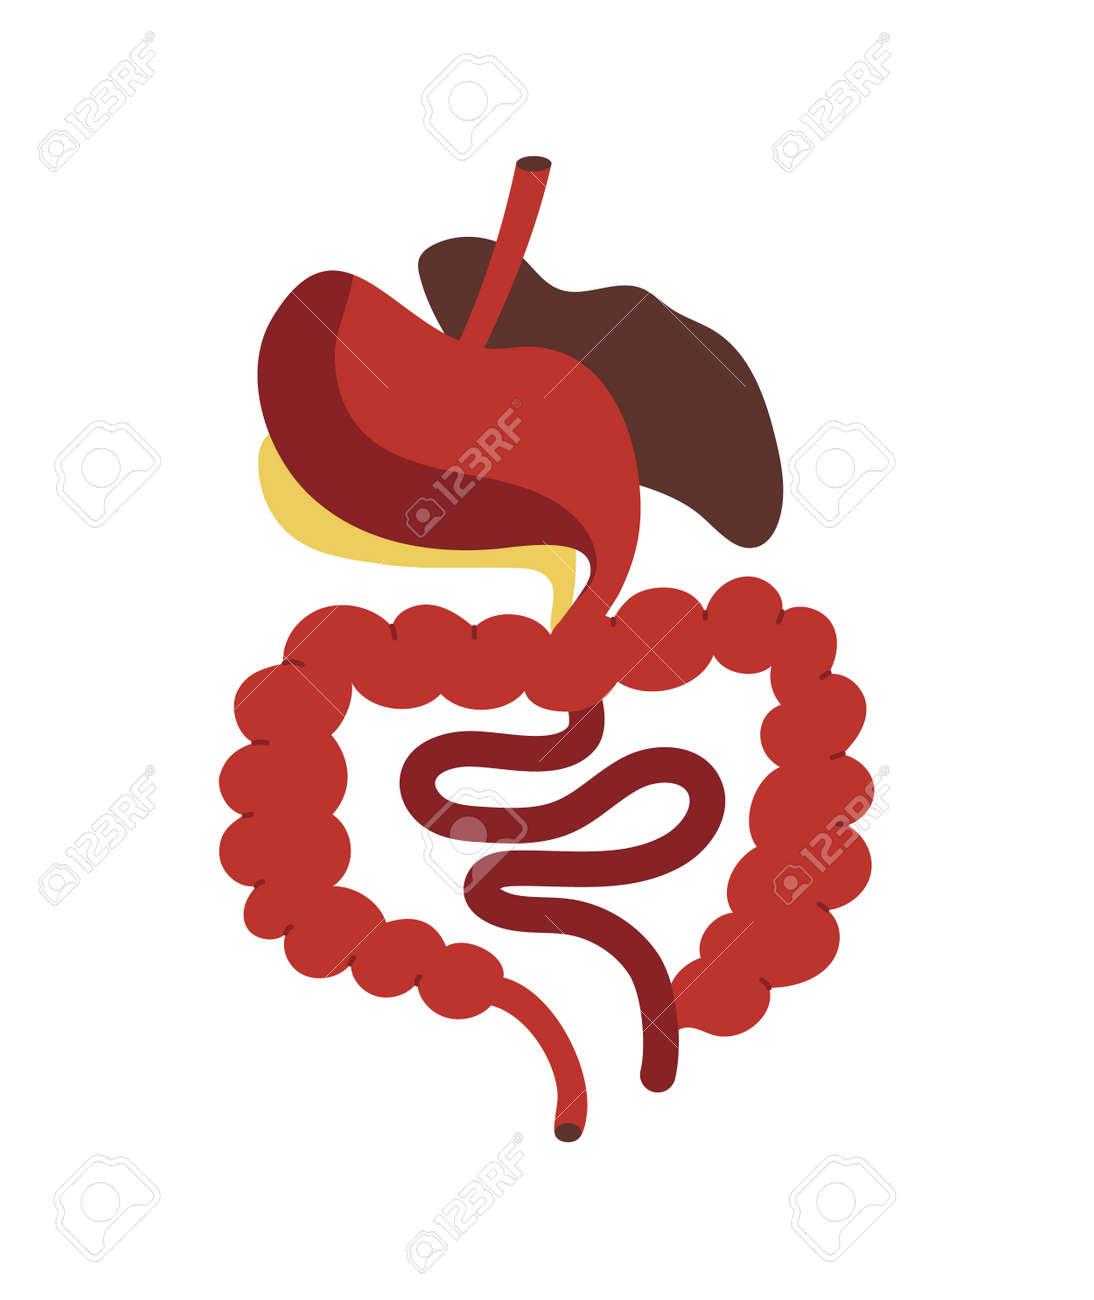 Icono Del Sistema Digestivo Humano En Estilo De Dibujos Animados ...